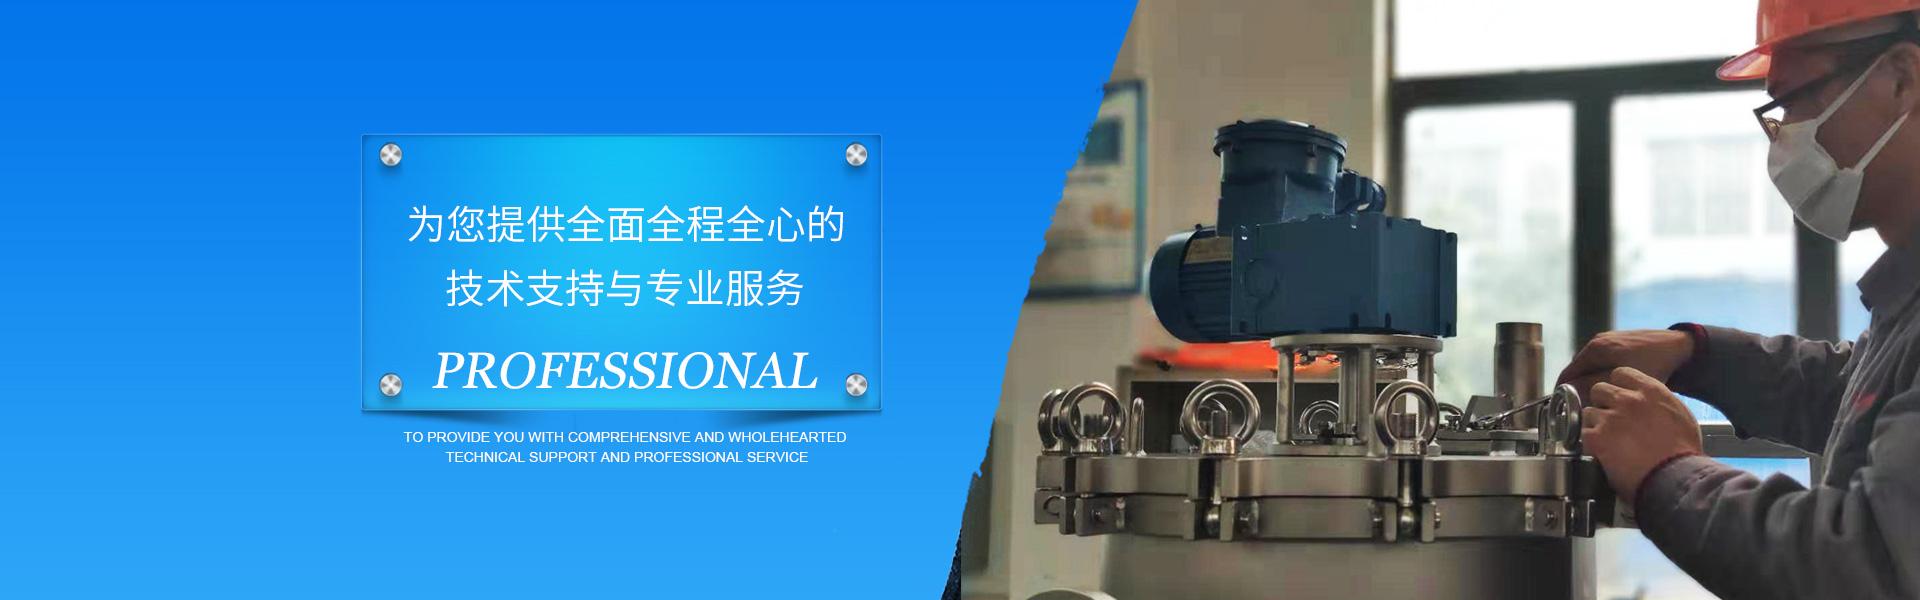 上海升揚工業設備有限公司